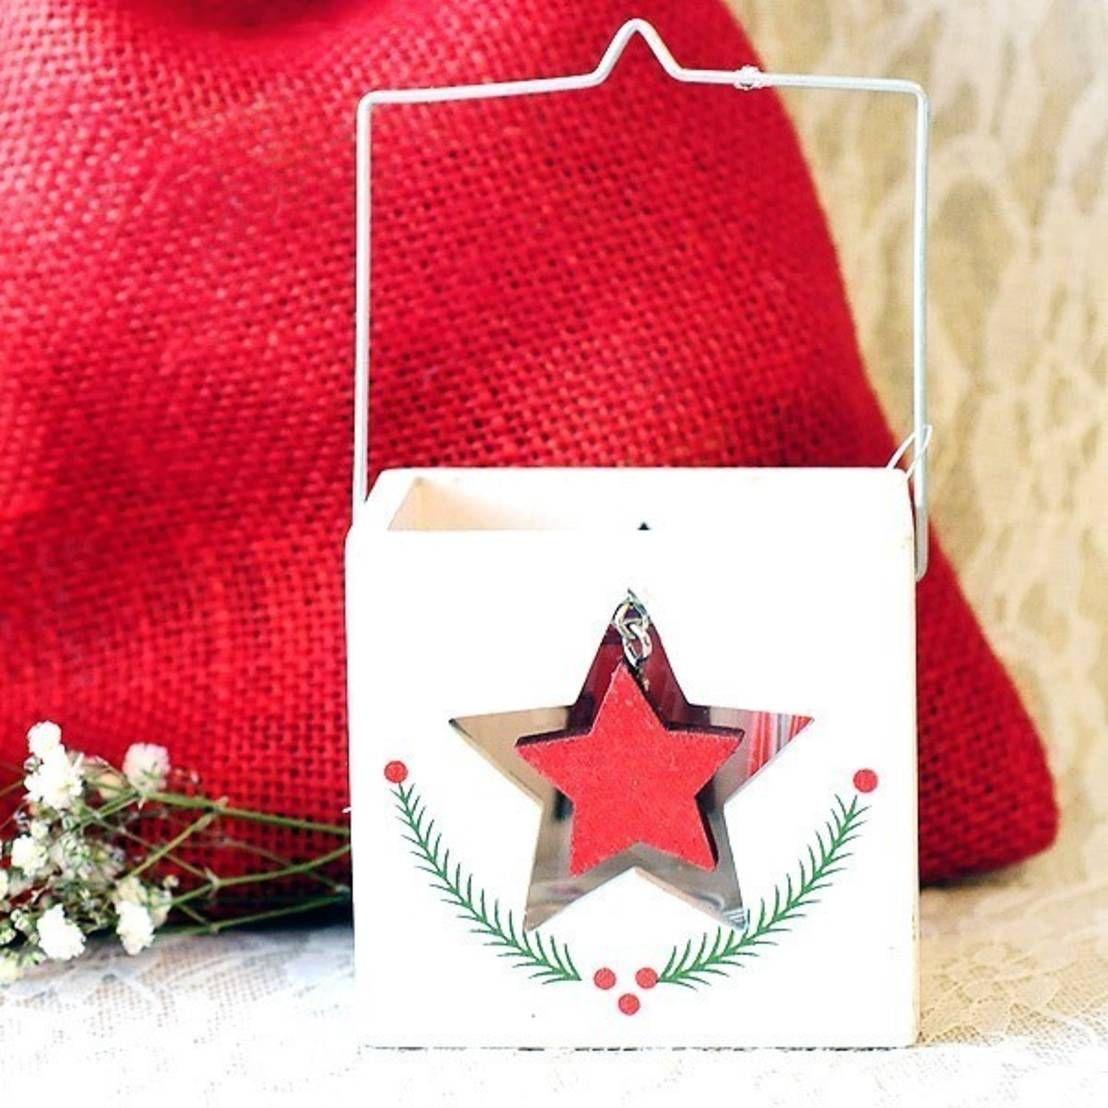 Farolillos y soportes para velas de decoraci n y adornos navide os - Farolillos para velas ...